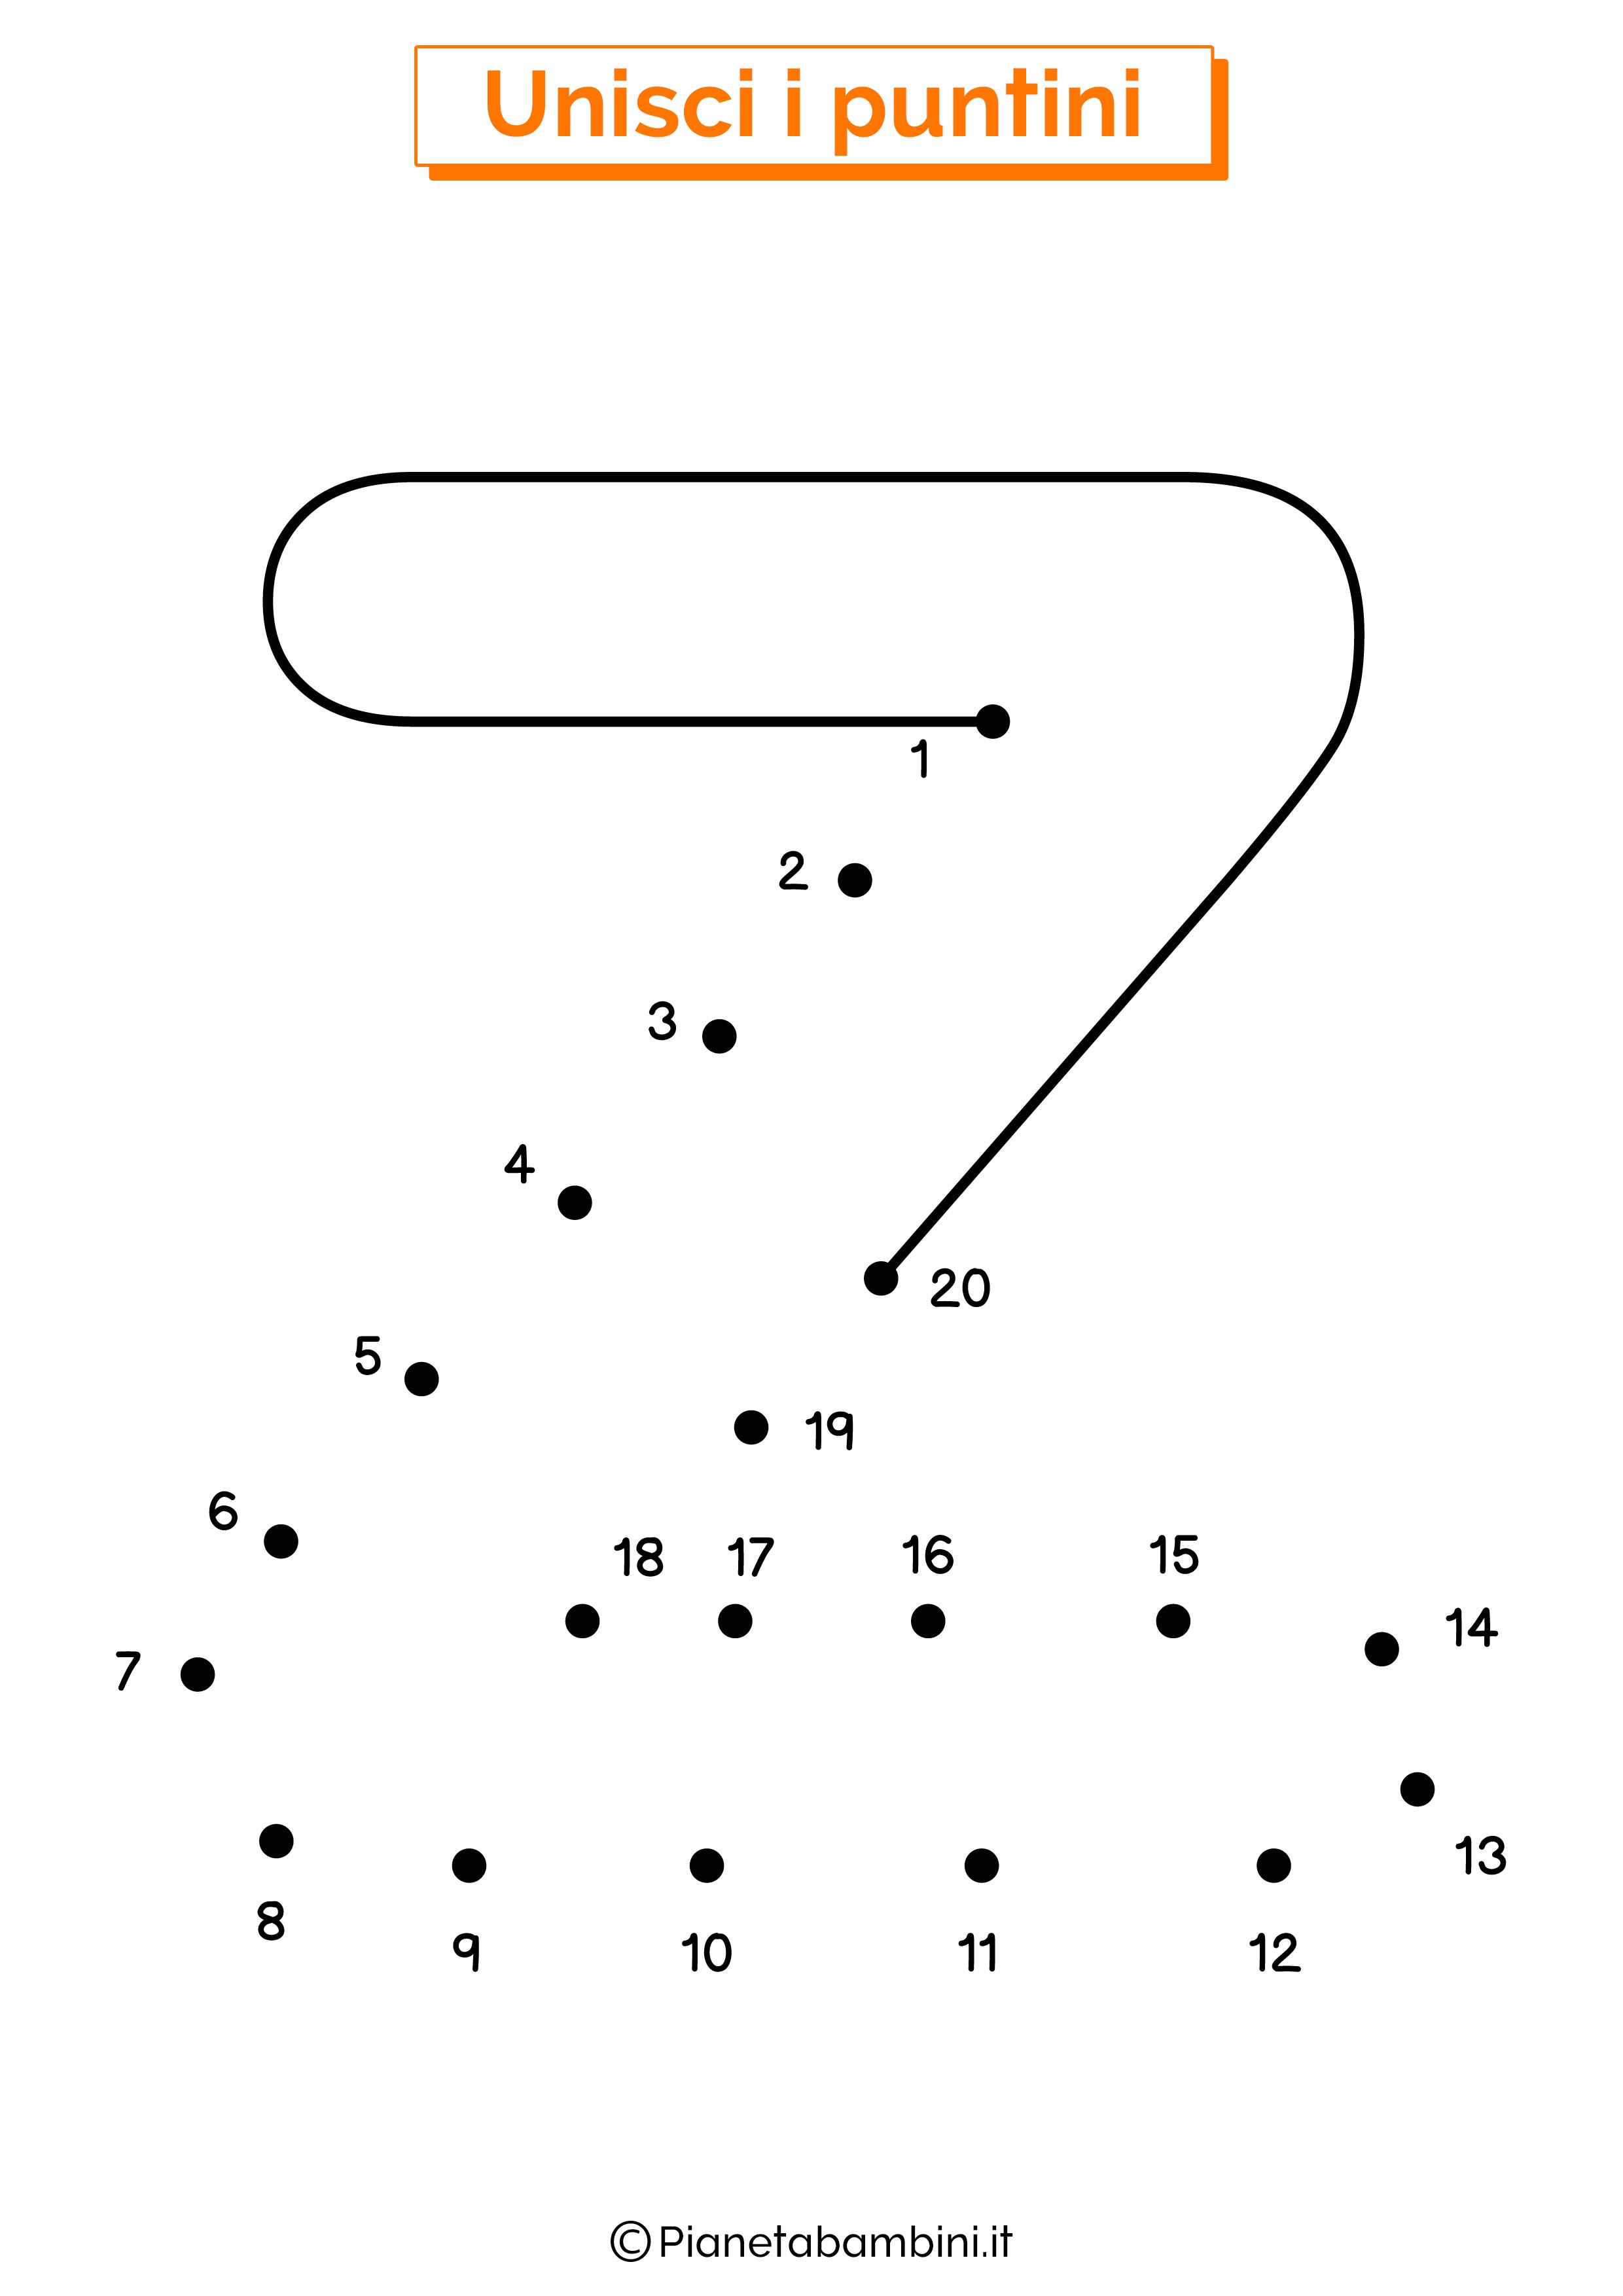 Unisci i puntini con la lettera Z